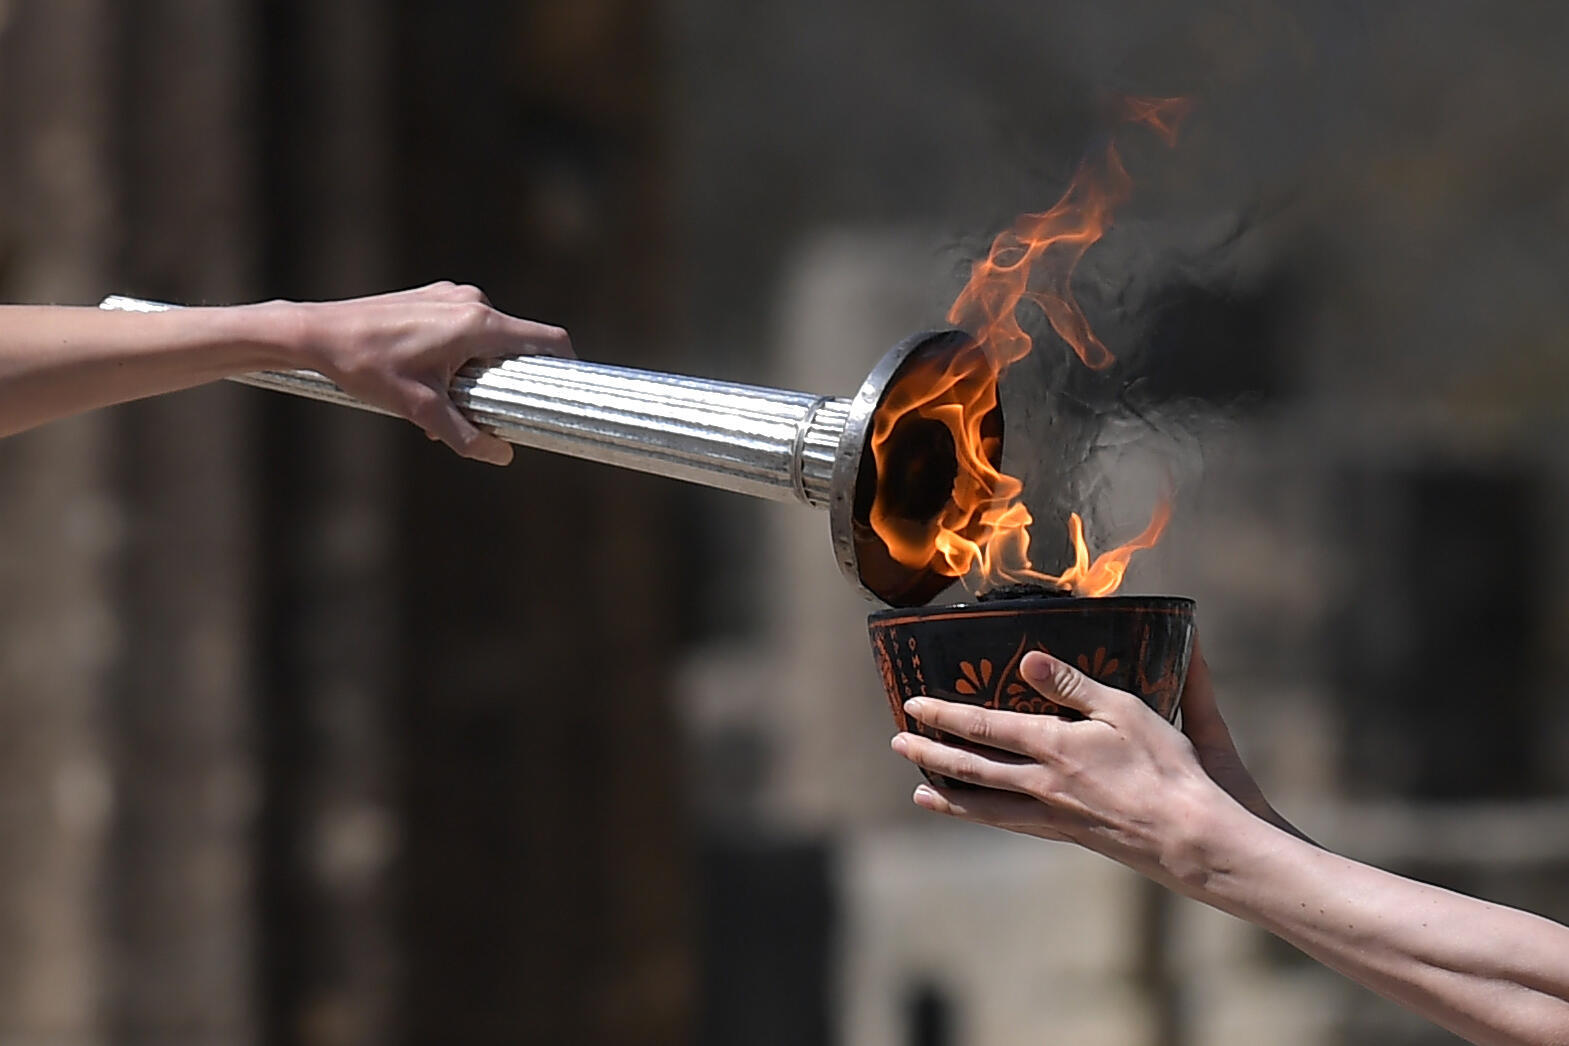 Photo prise lors de la cérémonie d'allumage de la flamme olympique le 12 mars 2020 dans le stade antique d'Olympie, en Grèce.